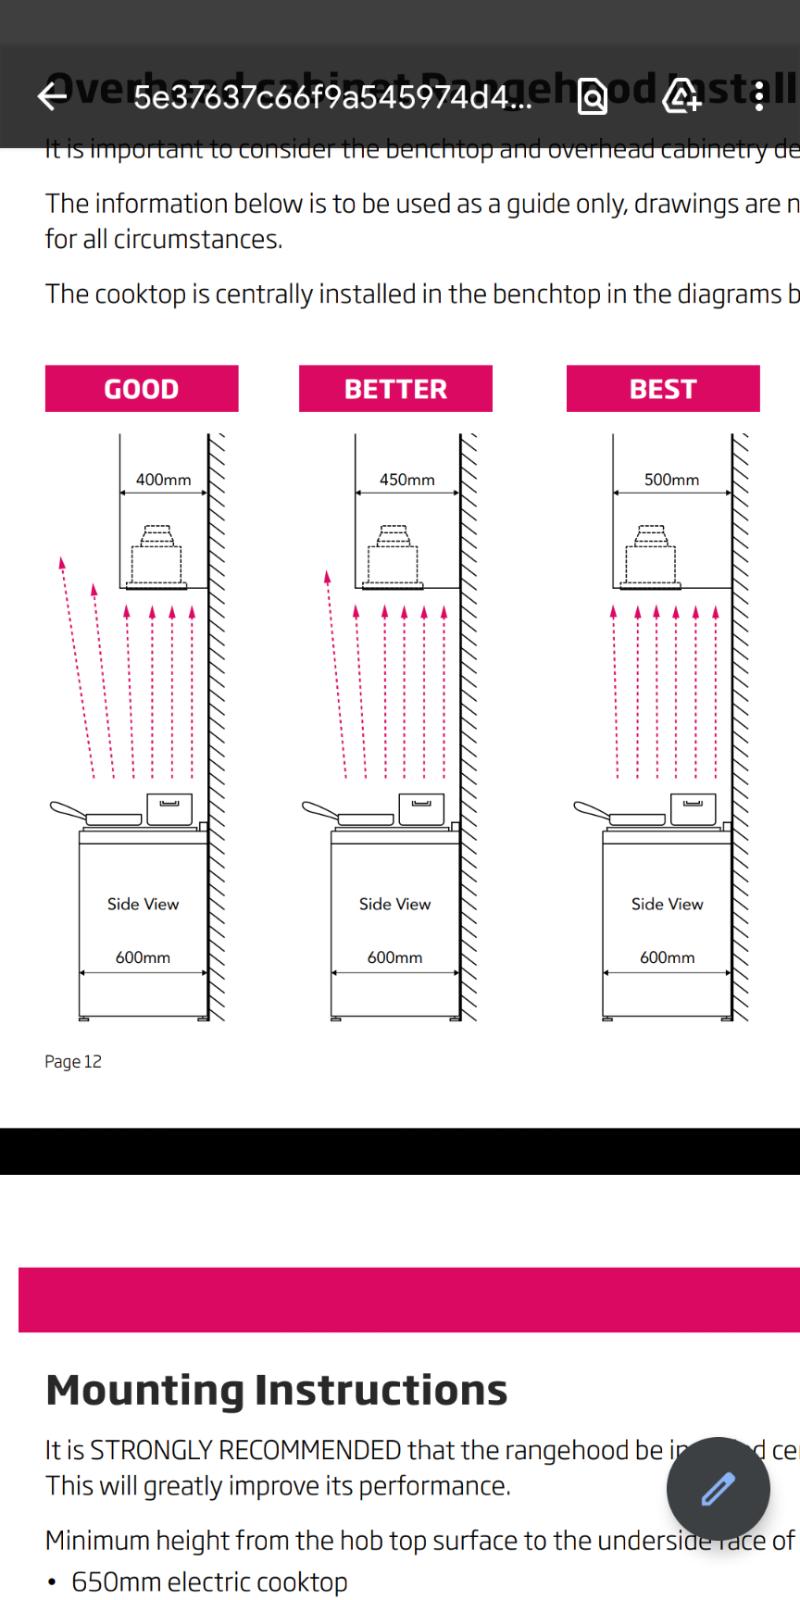 Distances between cooktop, backwall & rangehood